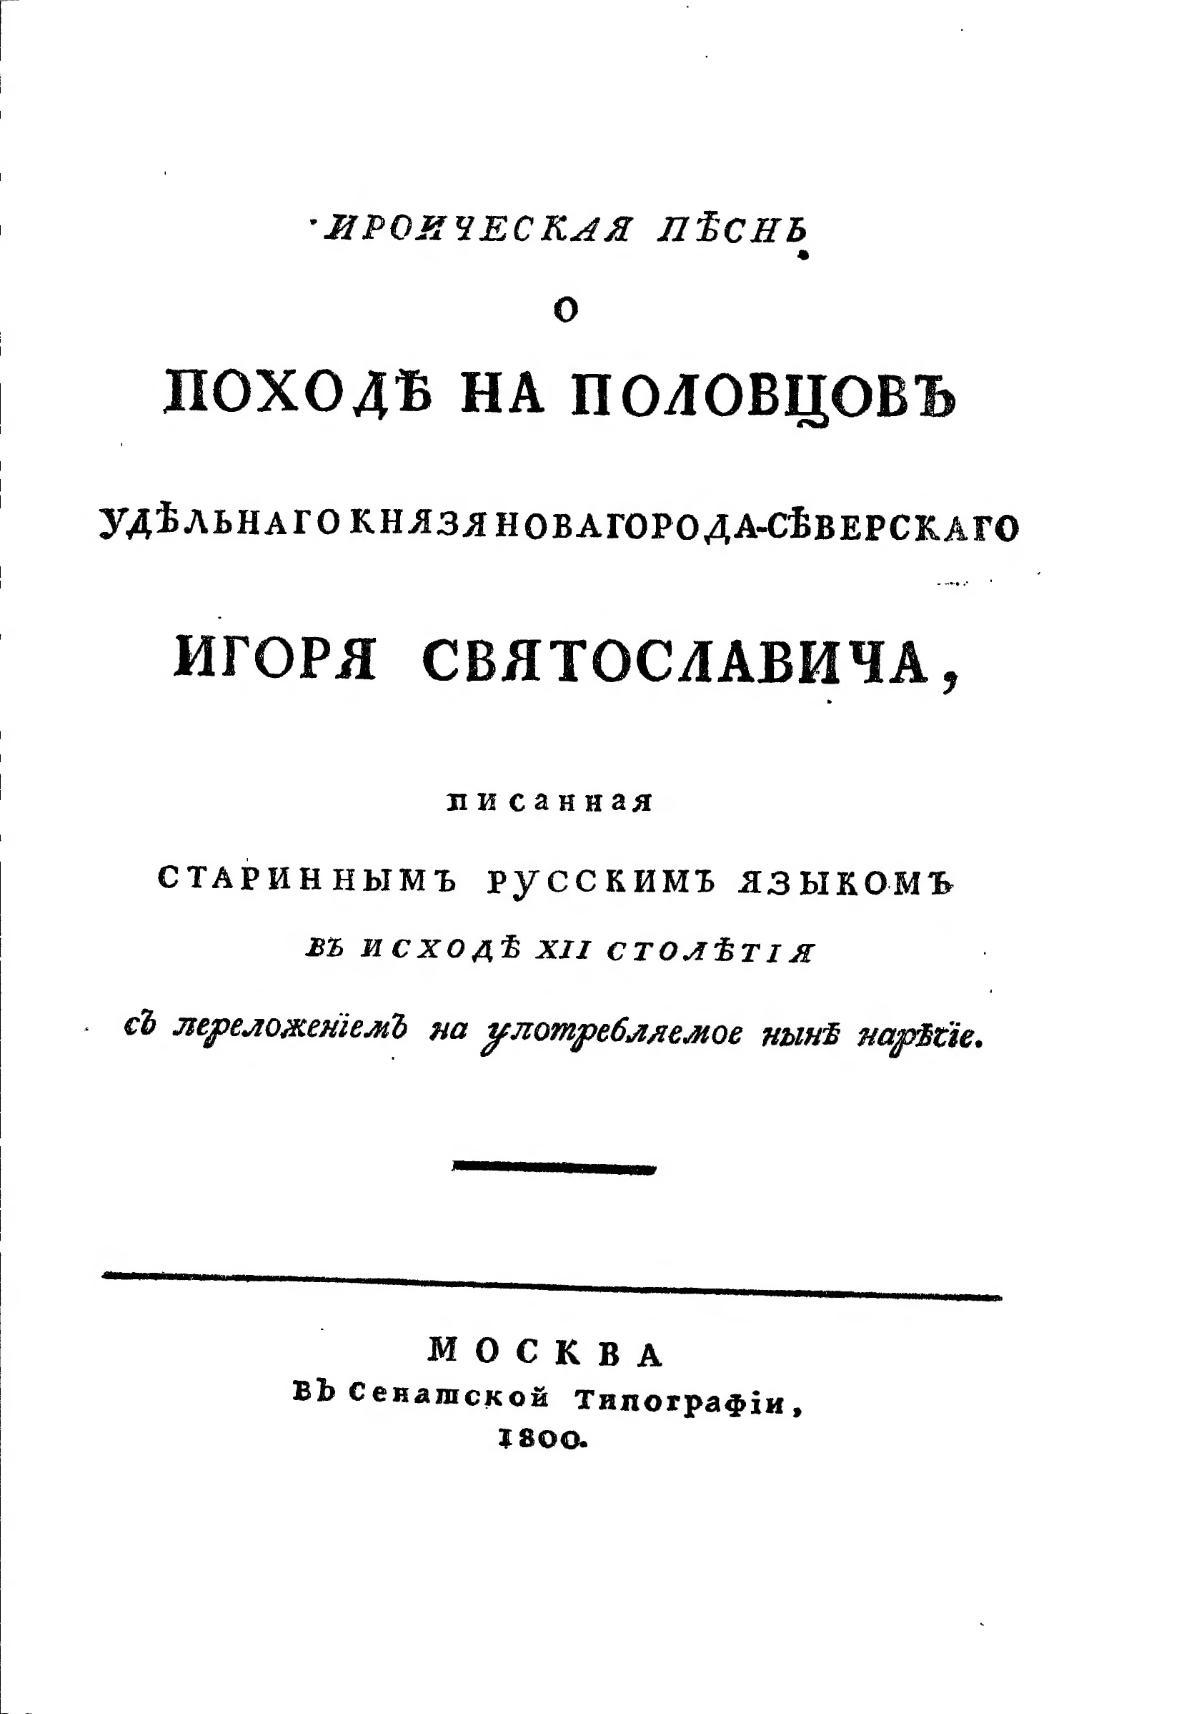 Доклад слово о полку игореве википедия 1668